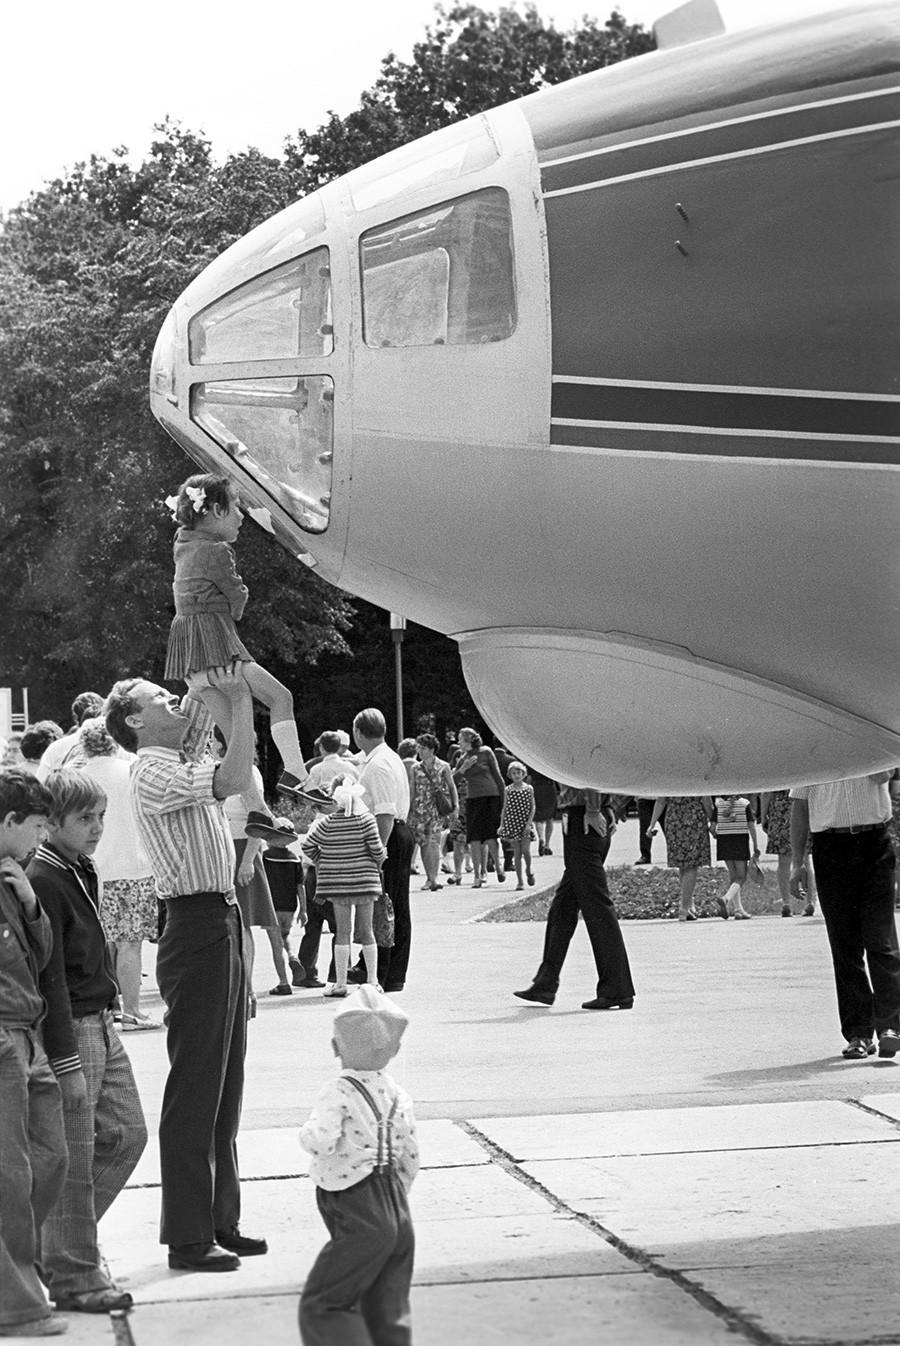 Kino-letalo Antoška, ki je bilo ustanovljeno na An-10, v Kujbiševskem parku, imenovanem po Juriju Gagarinu (v današnji Samari), 1977.